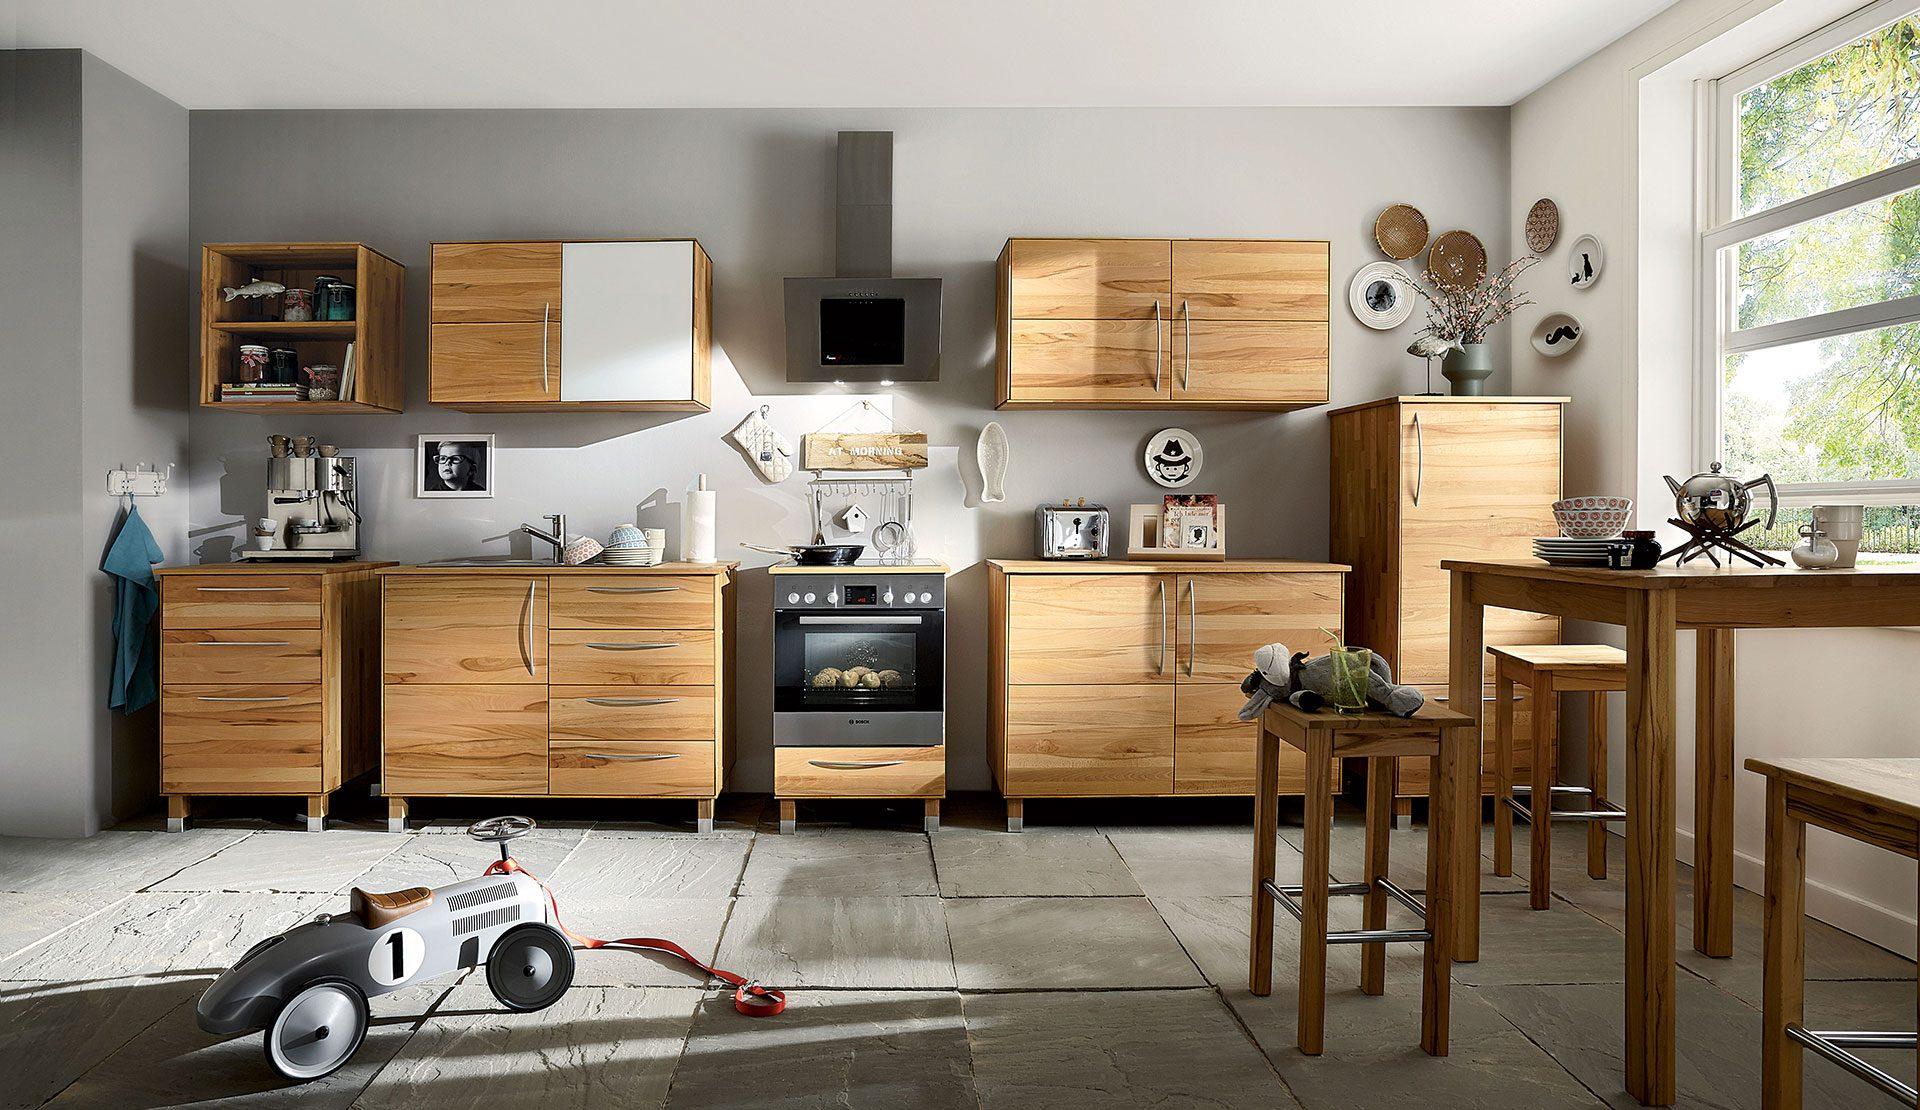 Full Size of Küchenmöbel Kchen Aus Massivholz Wohnzimmer Küchenmöbel